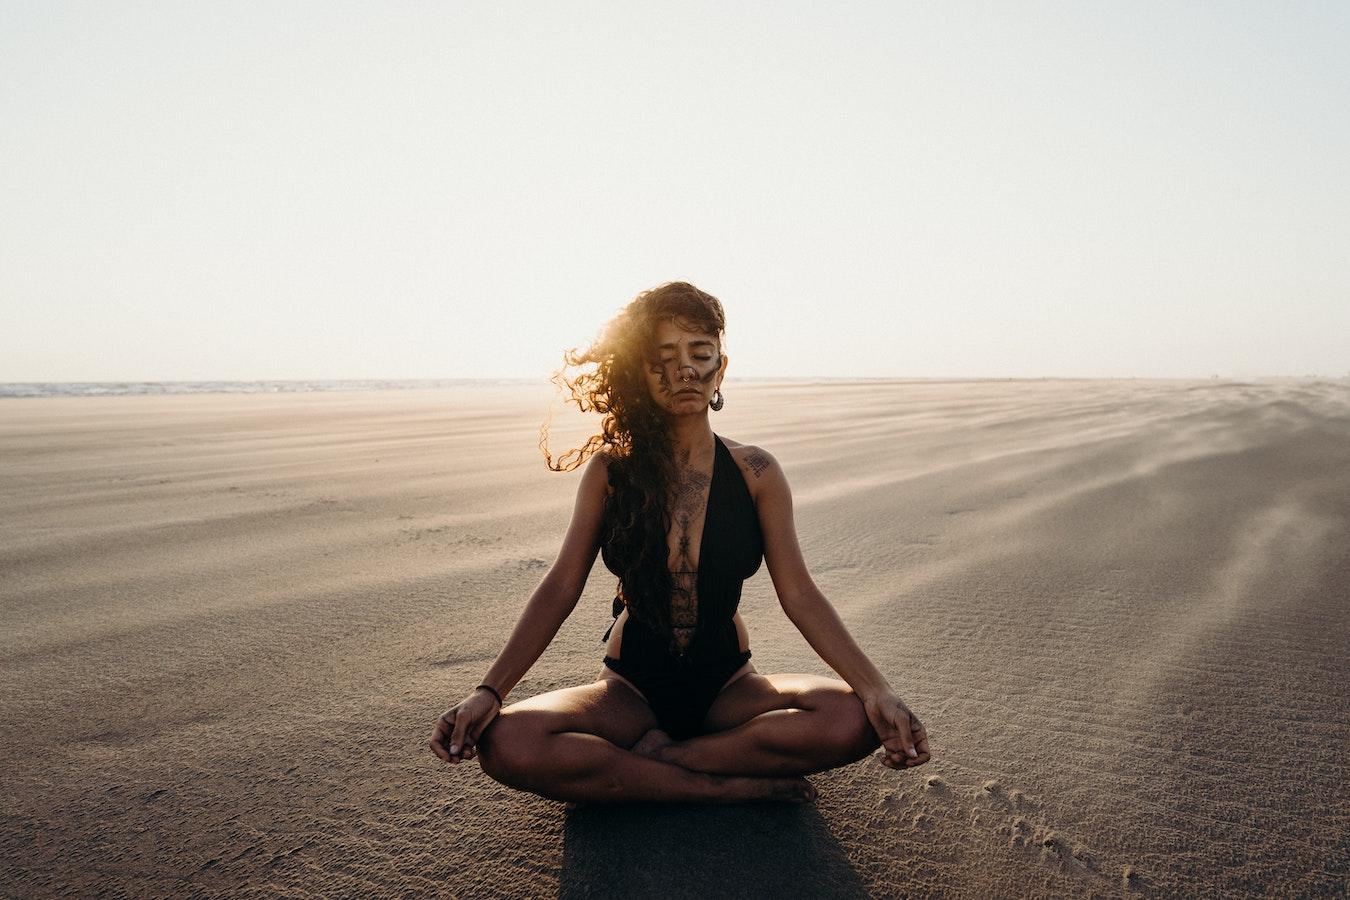 junge Frau im schwarzen Badeanzug sitzt alleine in der Wüste auf dem Sand und verbindet sich mit ihrem höheren selbst durch Meditation